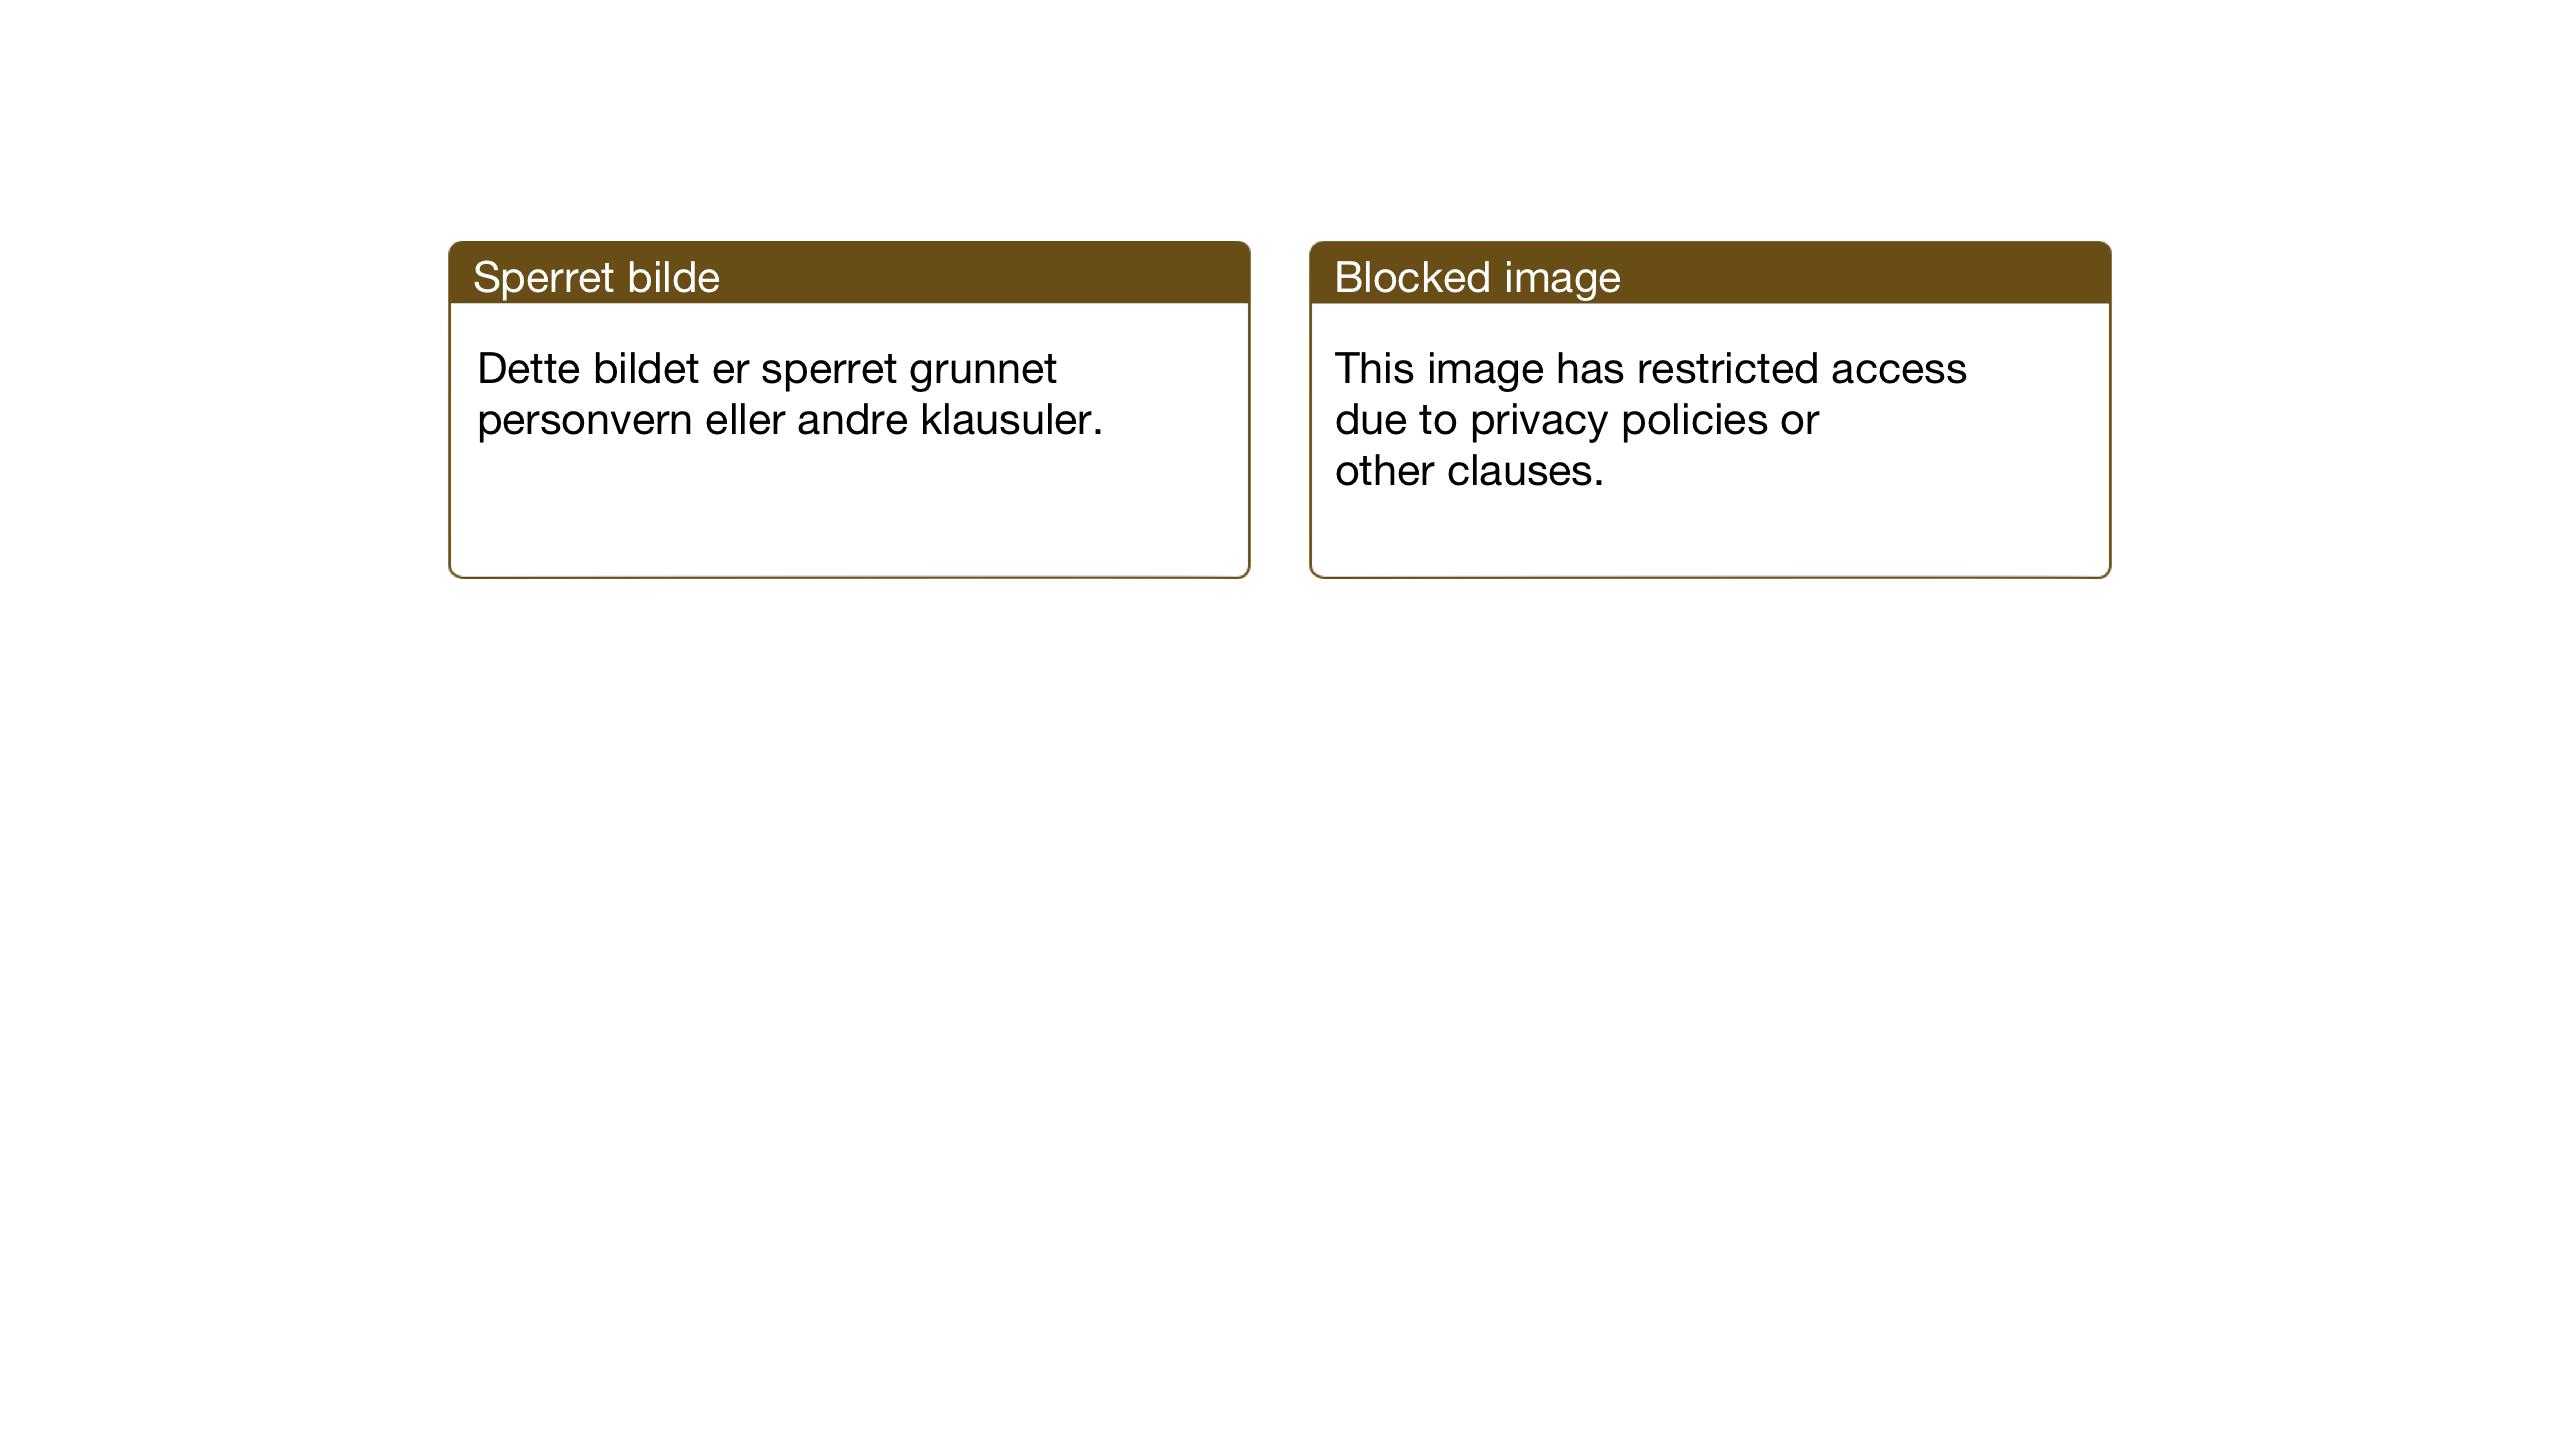 SAT, Ministerialprotokoller, klokkerbøker og fødselsregistre - Nord-Trøndelag, 722/L0227: Klokkerbok nr. 722C03, 1928-1958, s. 51